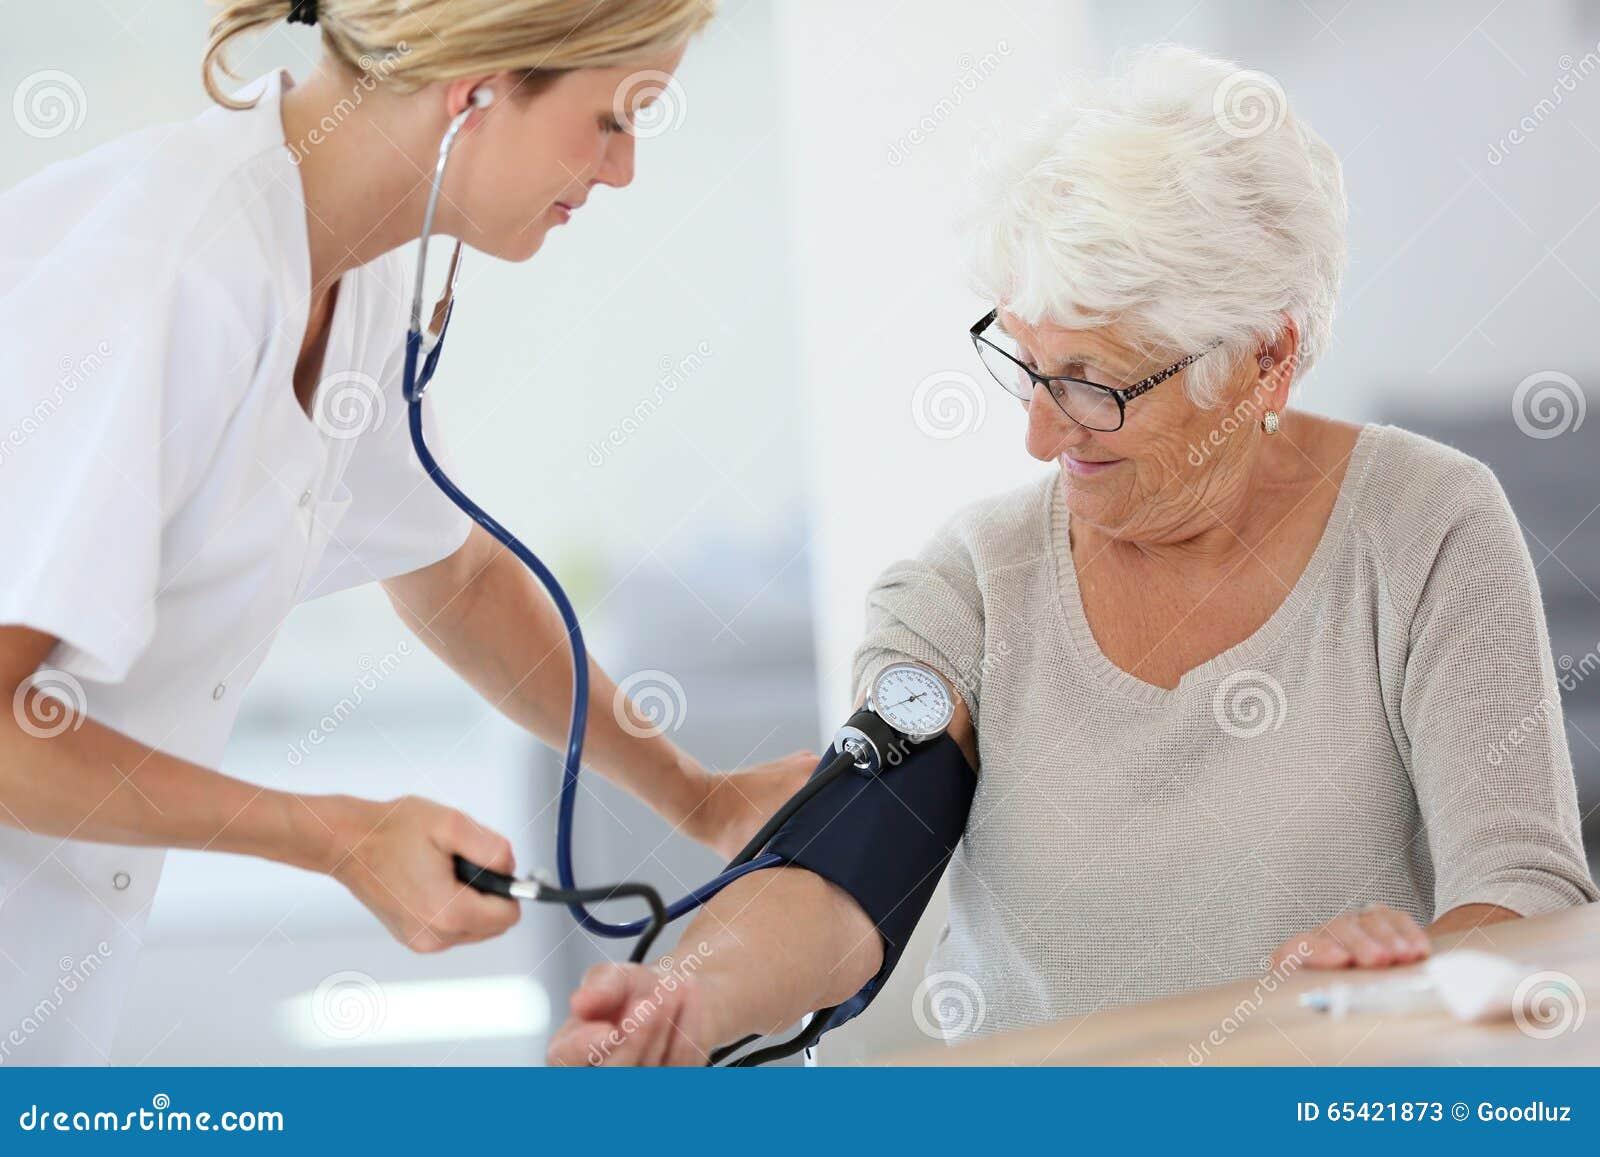 Medico Che Verifica La Pressione Sanguigna Del Paziente..